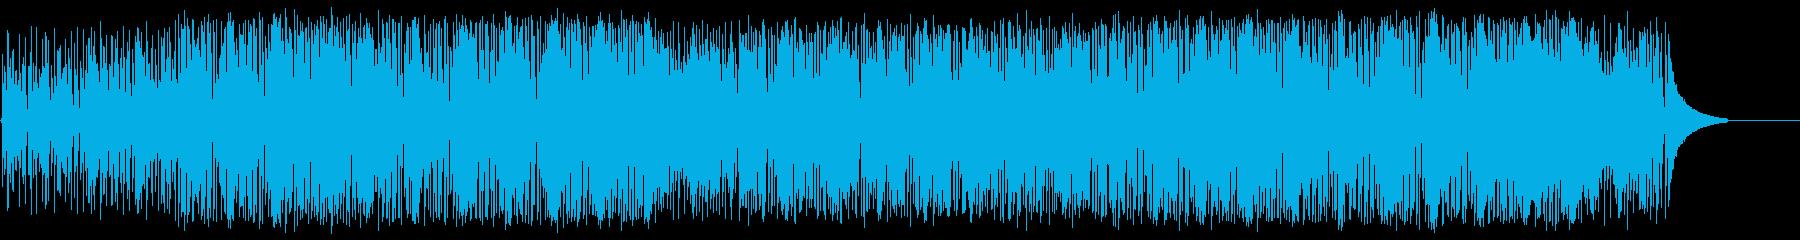 スタイリッシュでアダルトなフュージョンの再生済みの波形